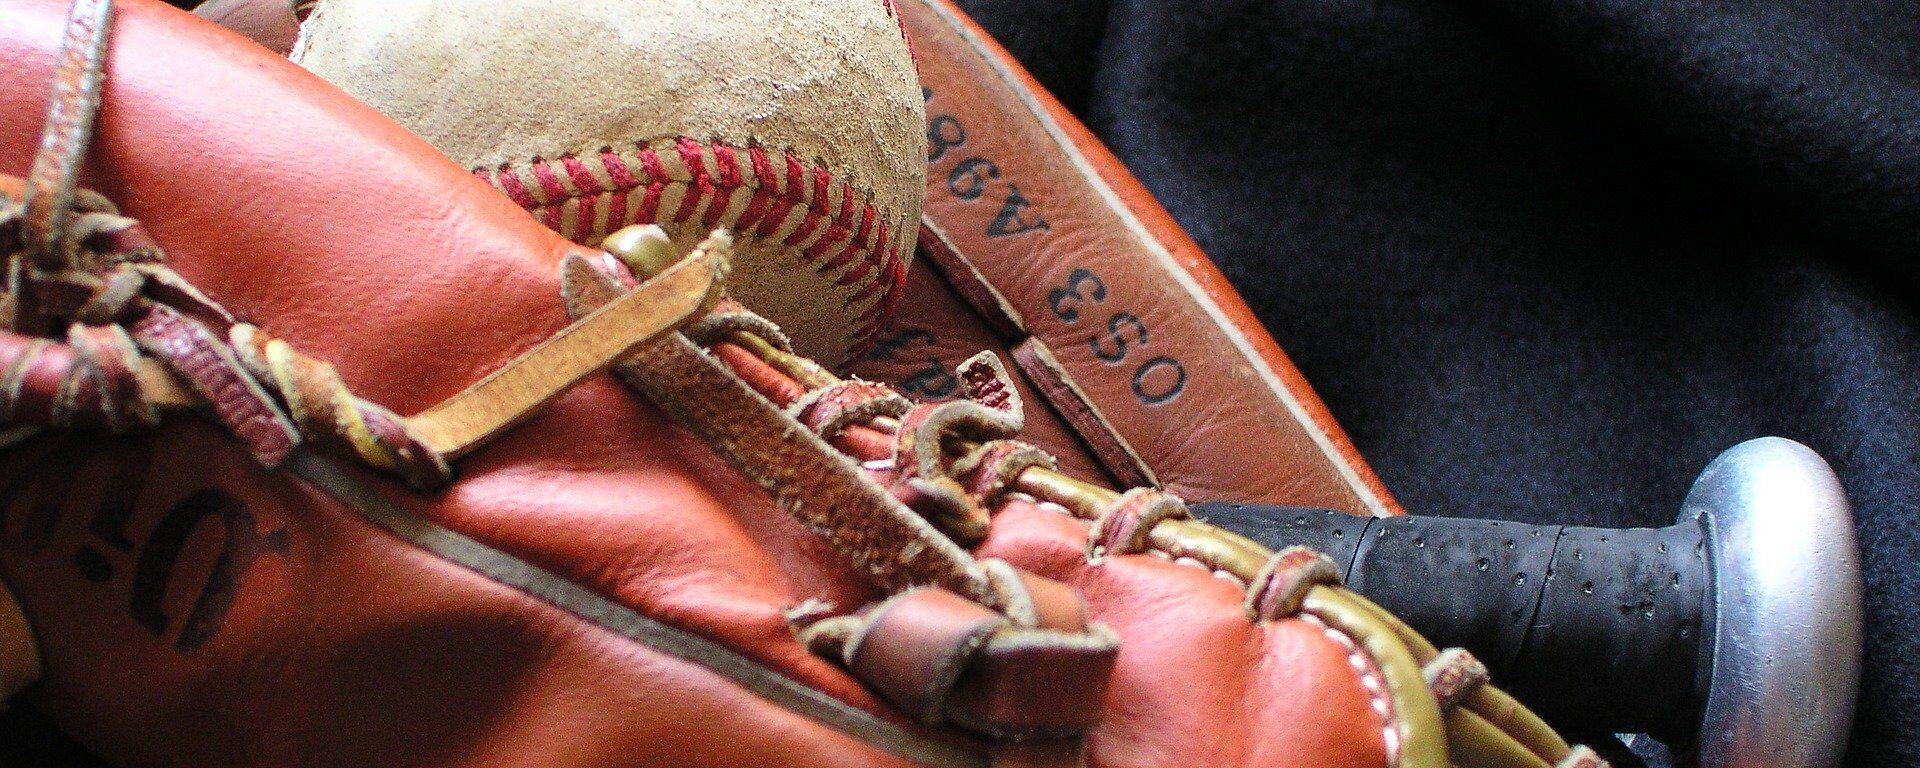 Béisbol (imagen referencial) - Sputnik Mundo, 1920, 02.06.2021